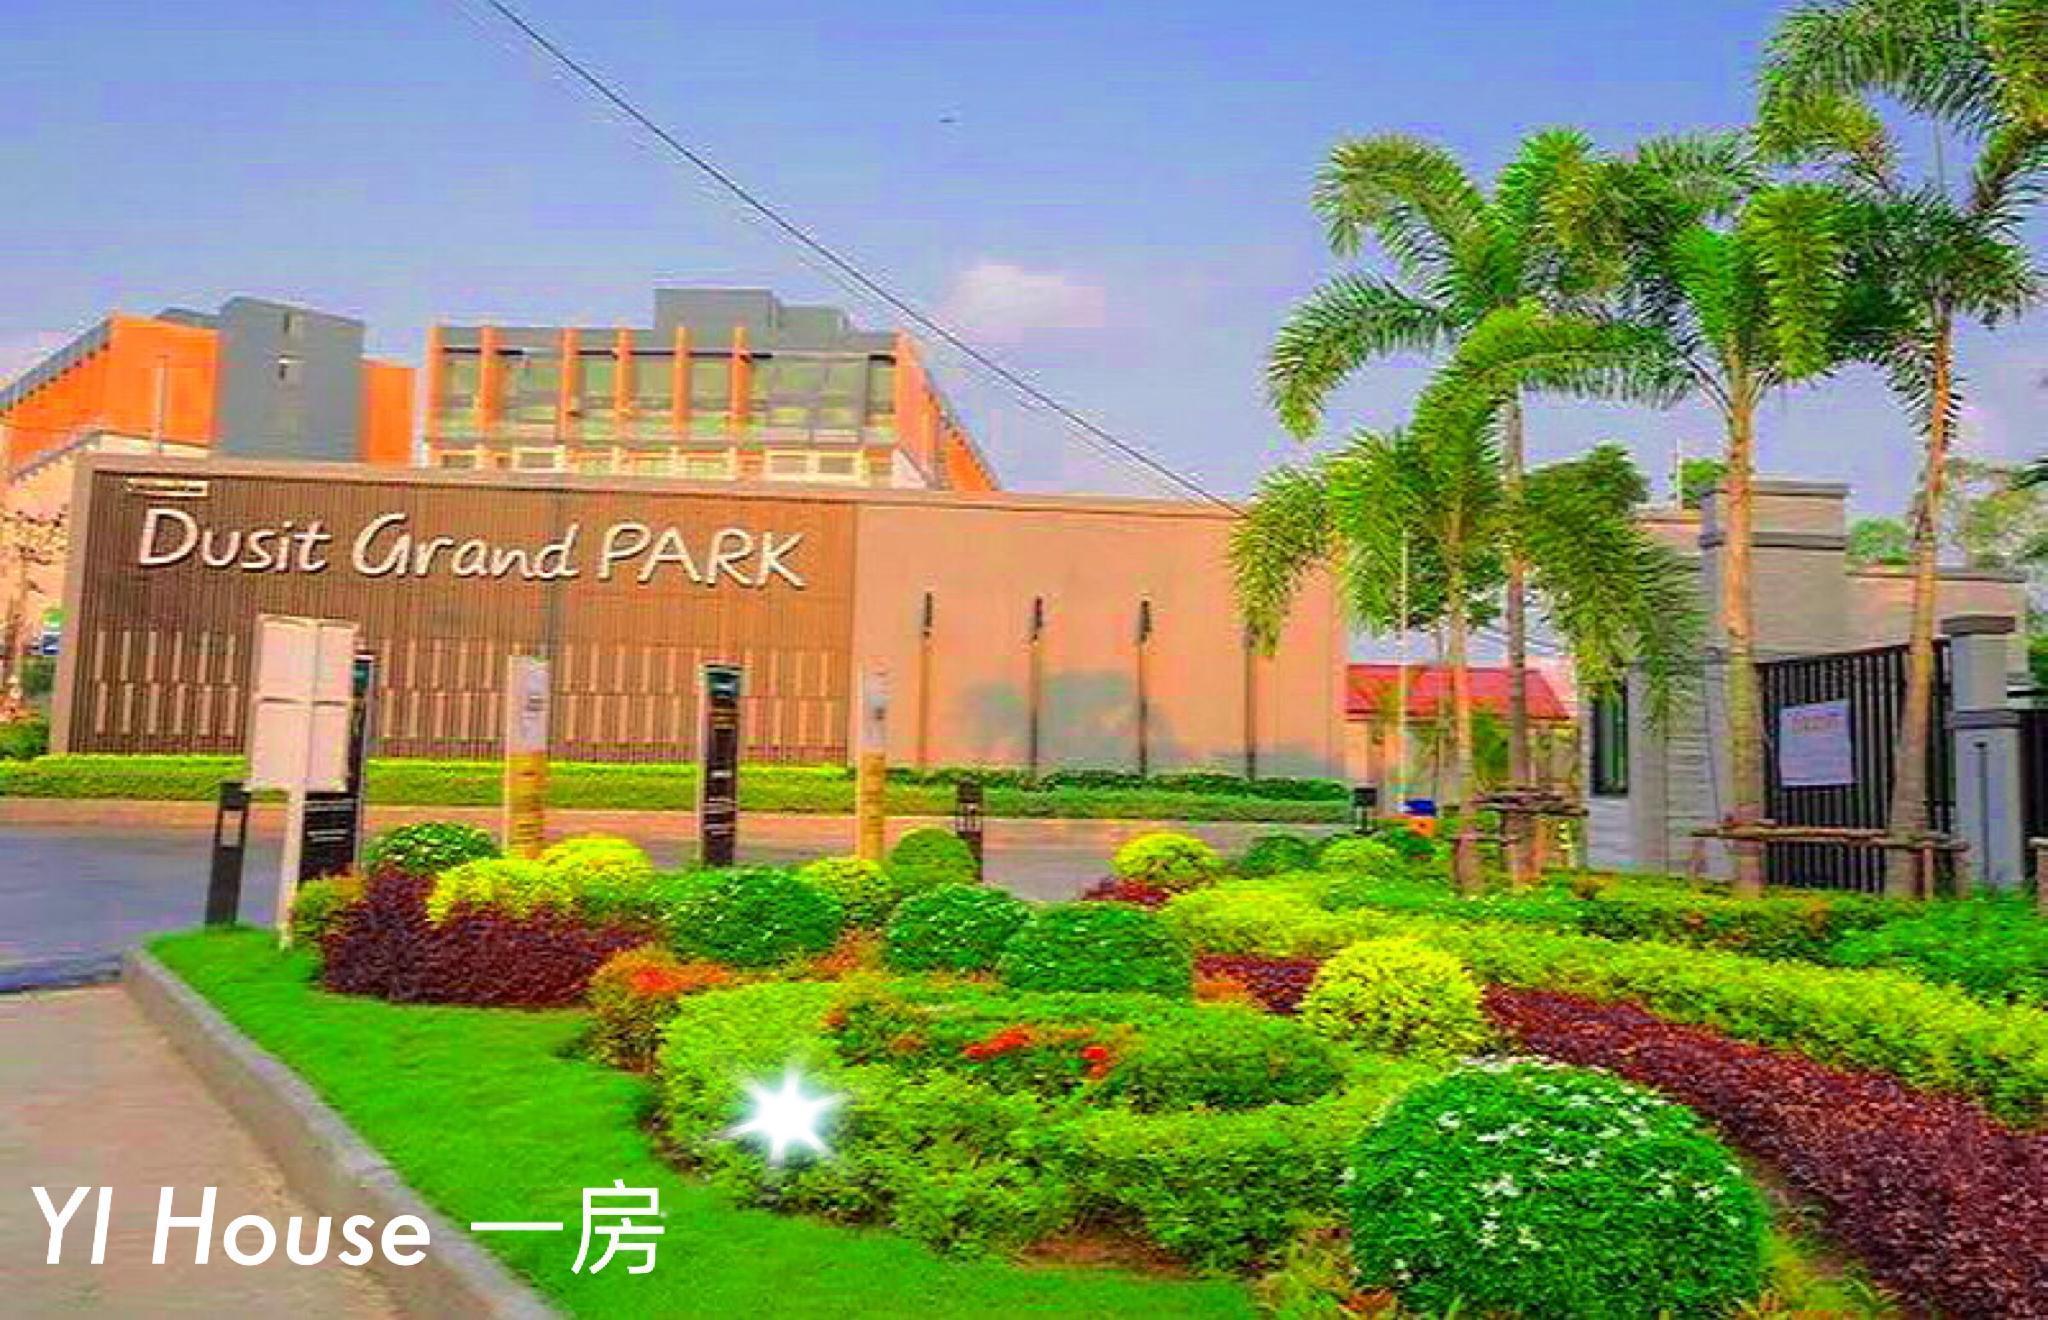 Dusit Grand Park 1 Pattaya (1 Bed Room) อพาร์ตเมนต์ 1 ห้องนอน 1 ห้องน้ำส่วนตัว ขนาด 35 ตร.ม. – หาดจอมเทียน